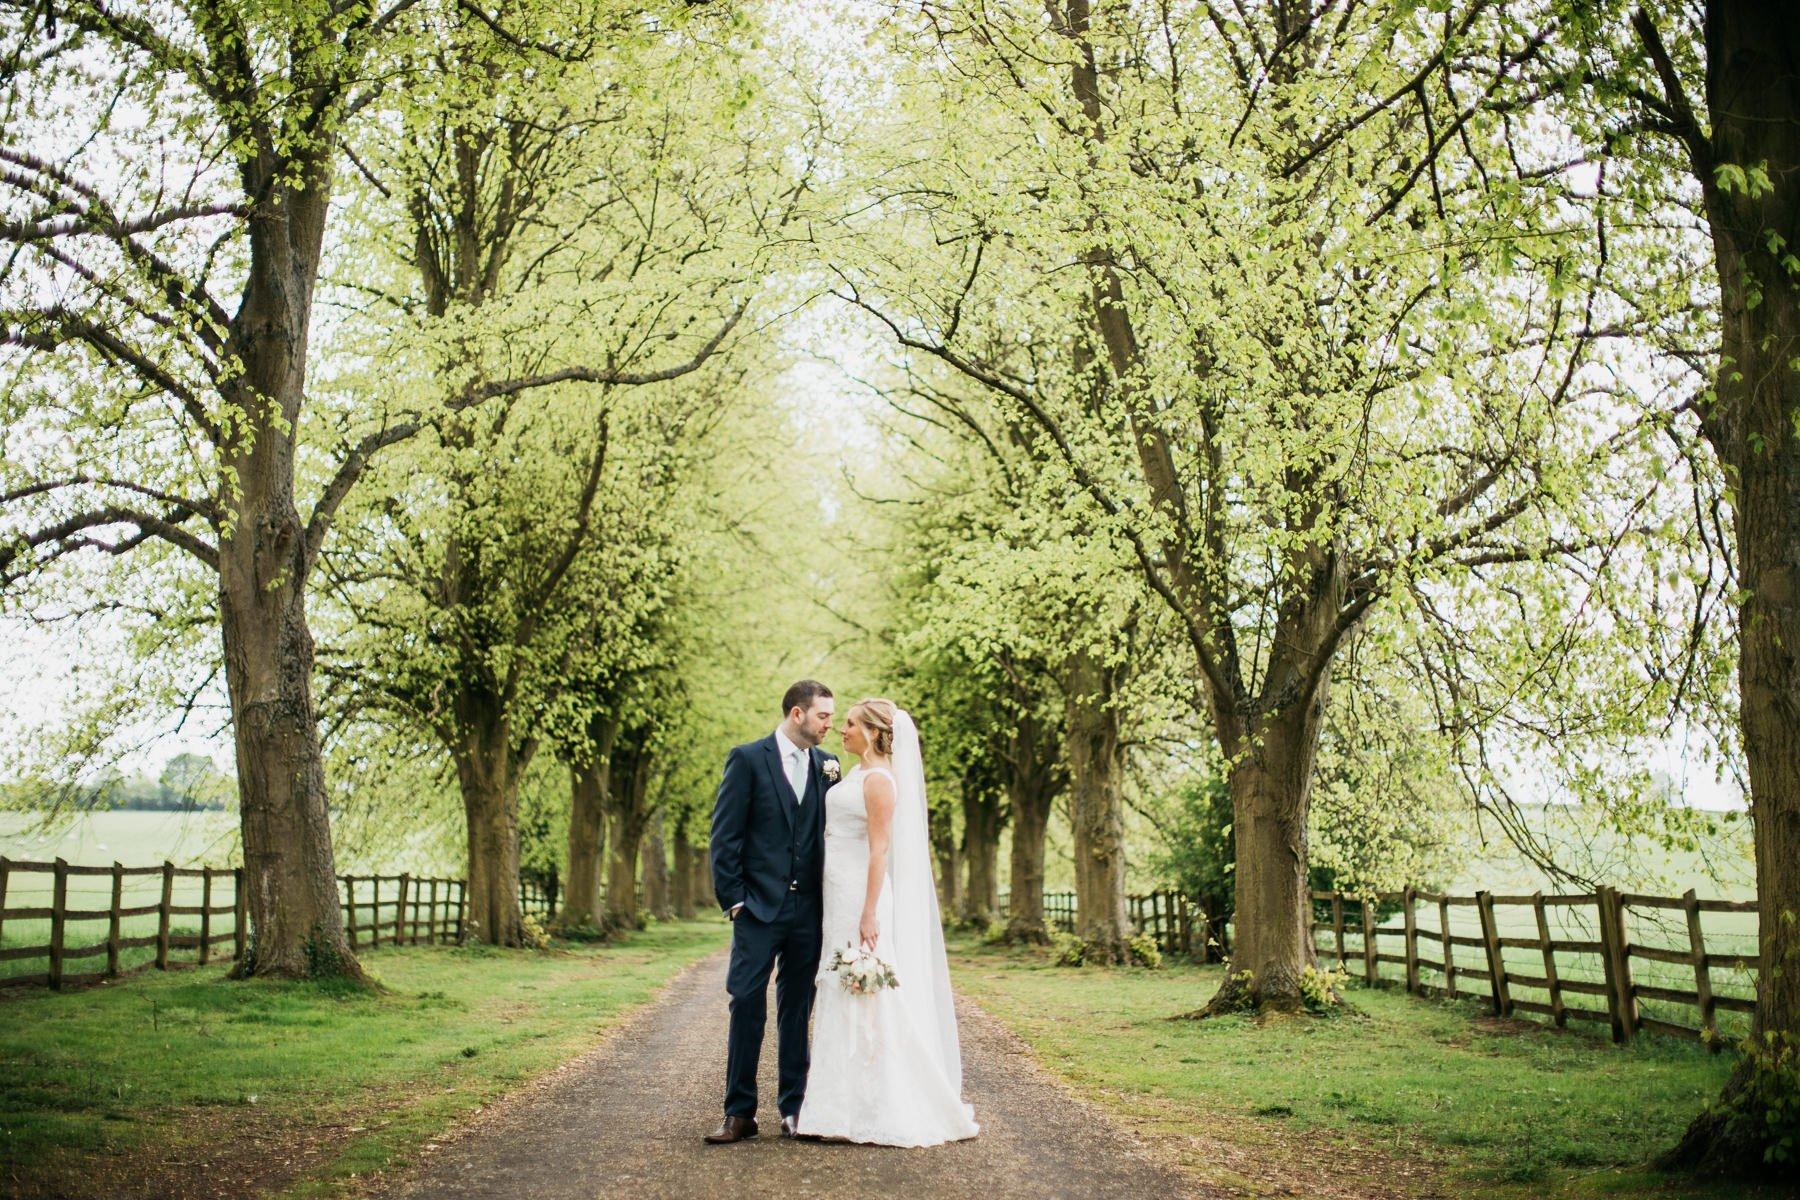 Notley-Abbey-Wedding-Photographer-Lisa-Dan-050